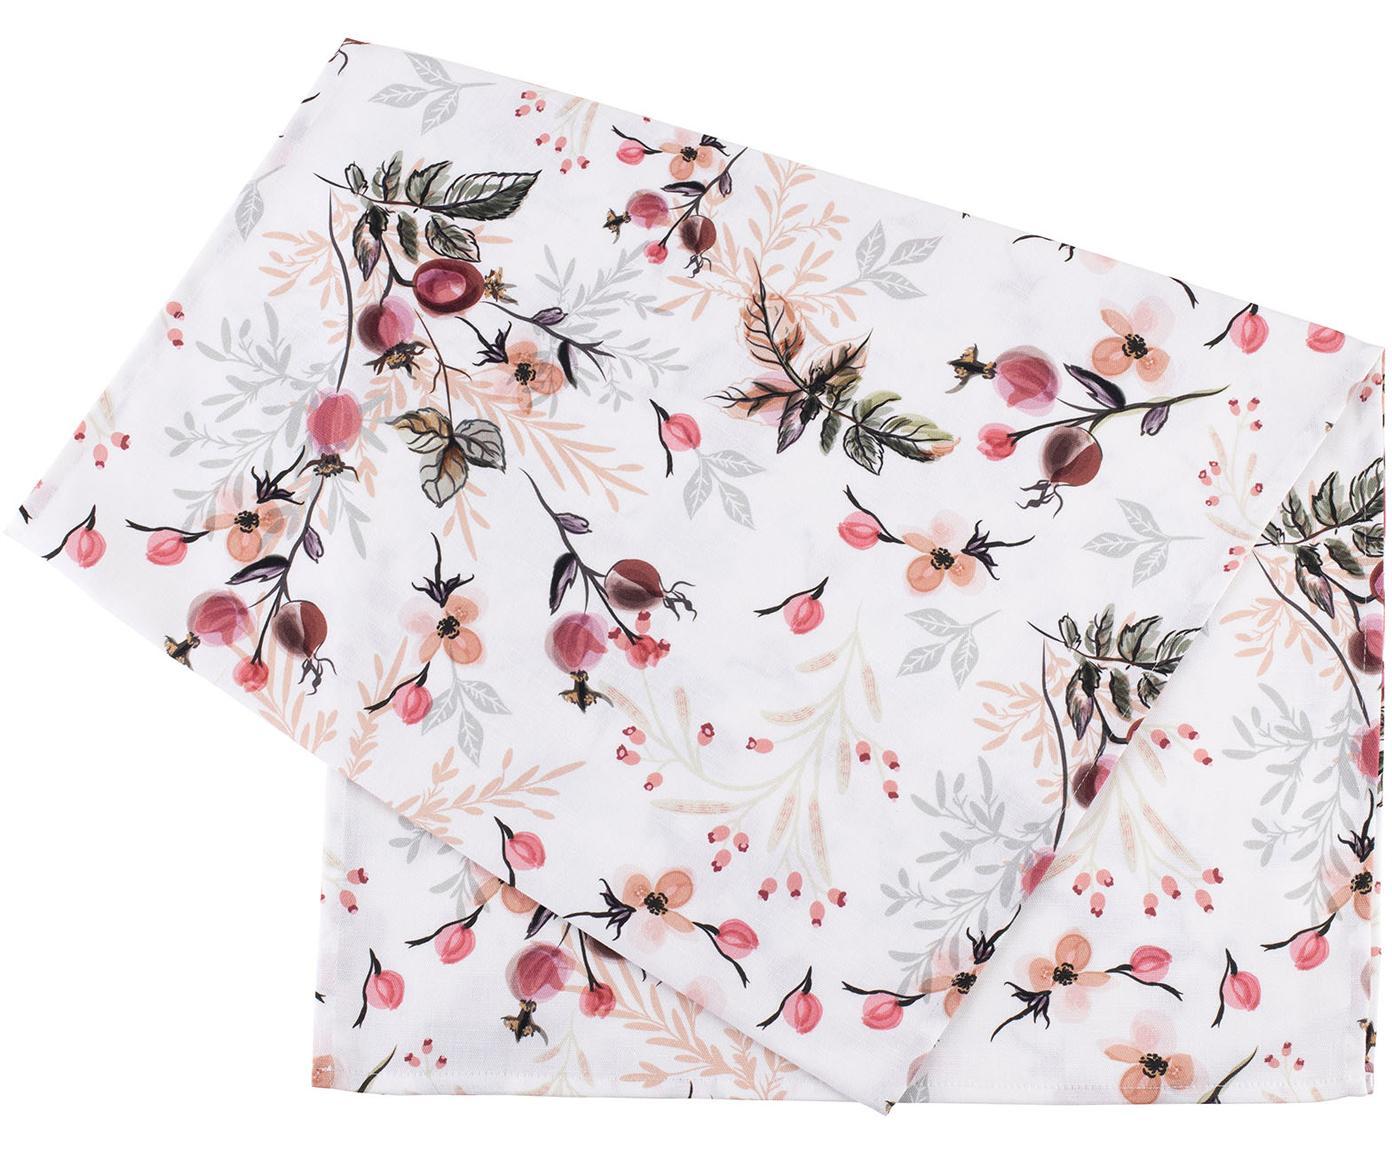 Bieżnik Beas, Bawełna, Różowy, biały, S 50 x D 160 cm